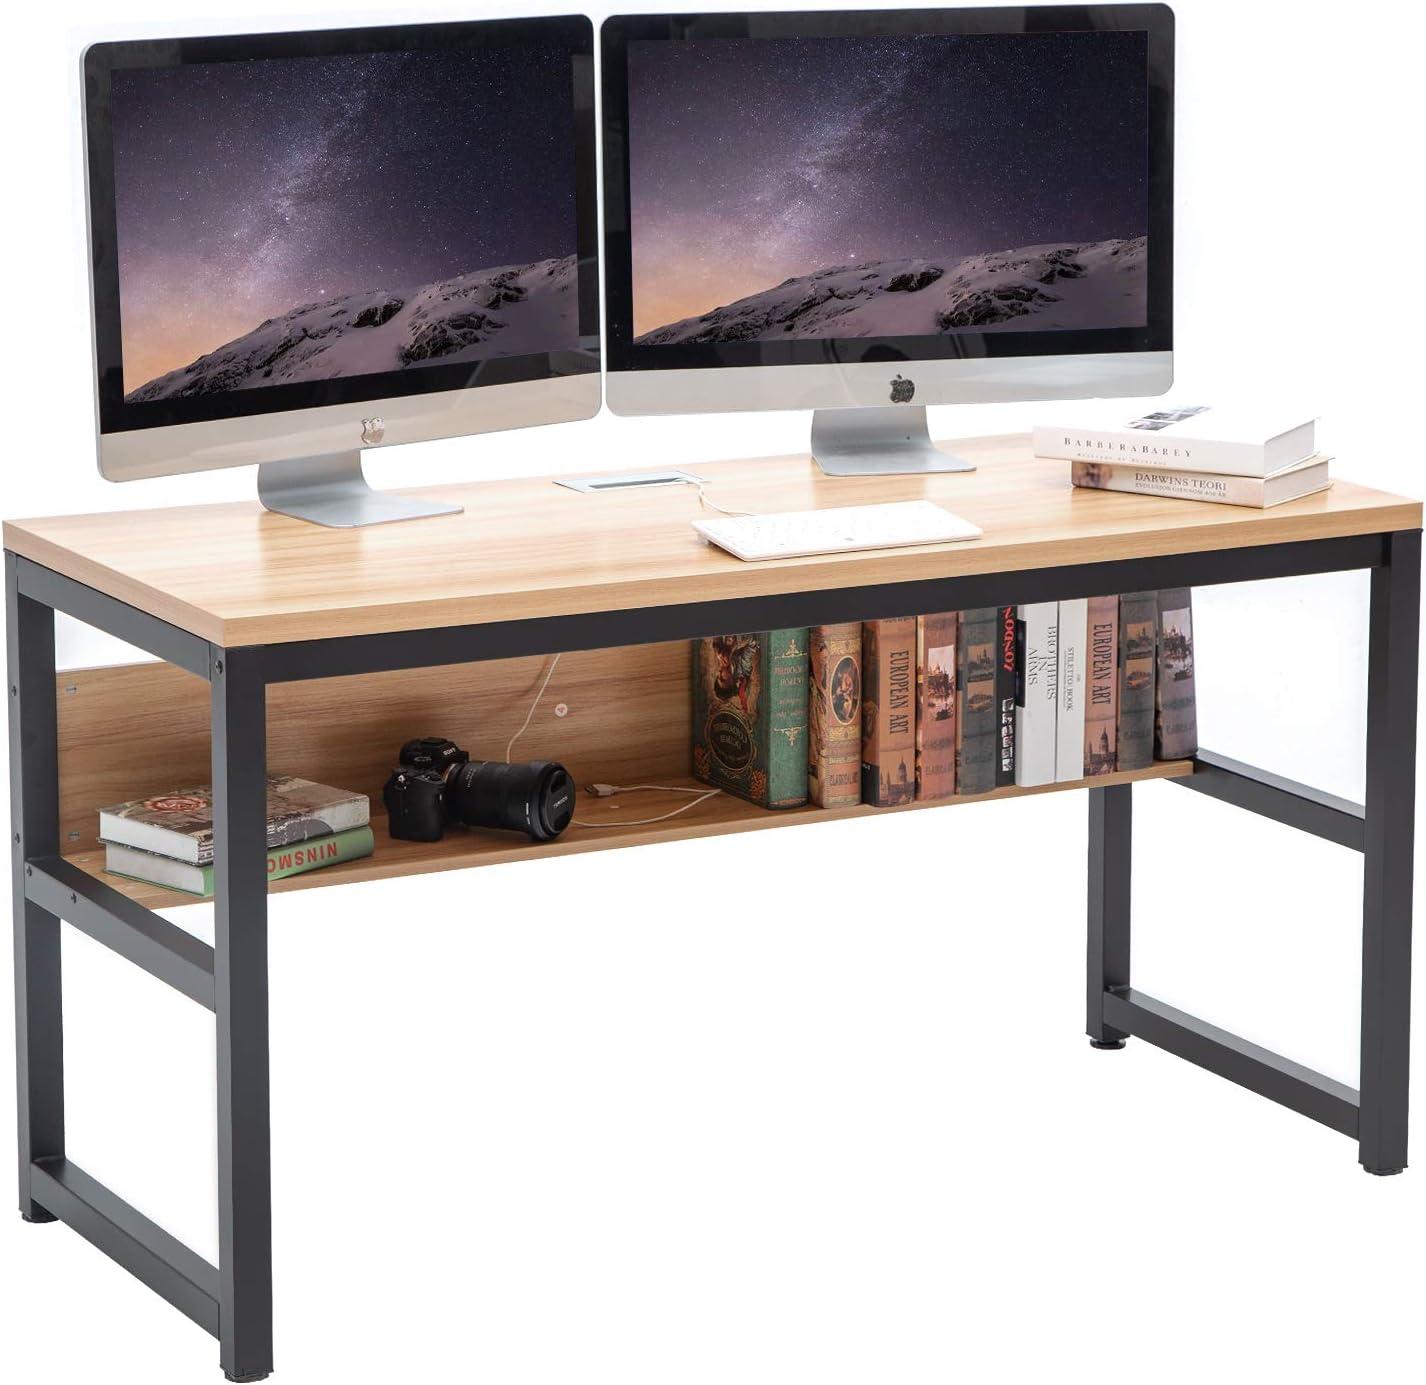 """TOPSKY 55"""" Computer Desk with Bookshelf/Metal Desk Grommet Hole Wire Cover (Natural+Black Frame)"""